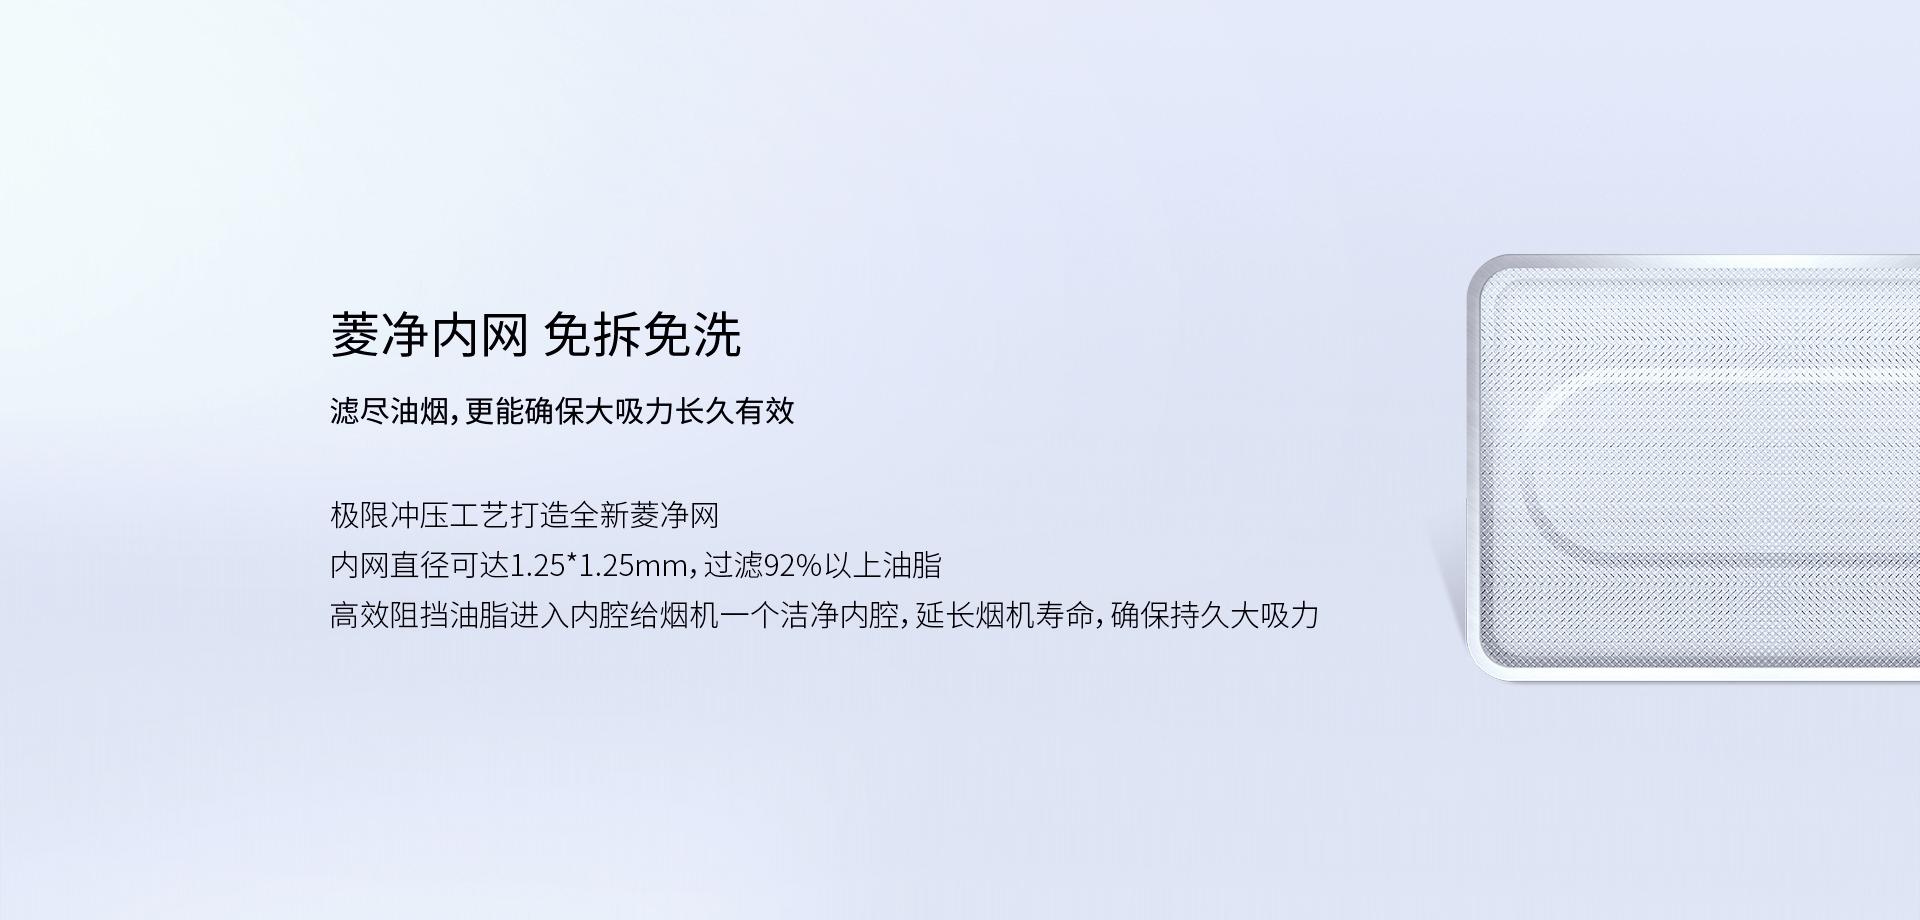 5900S优化-PC-1101_06.jpg